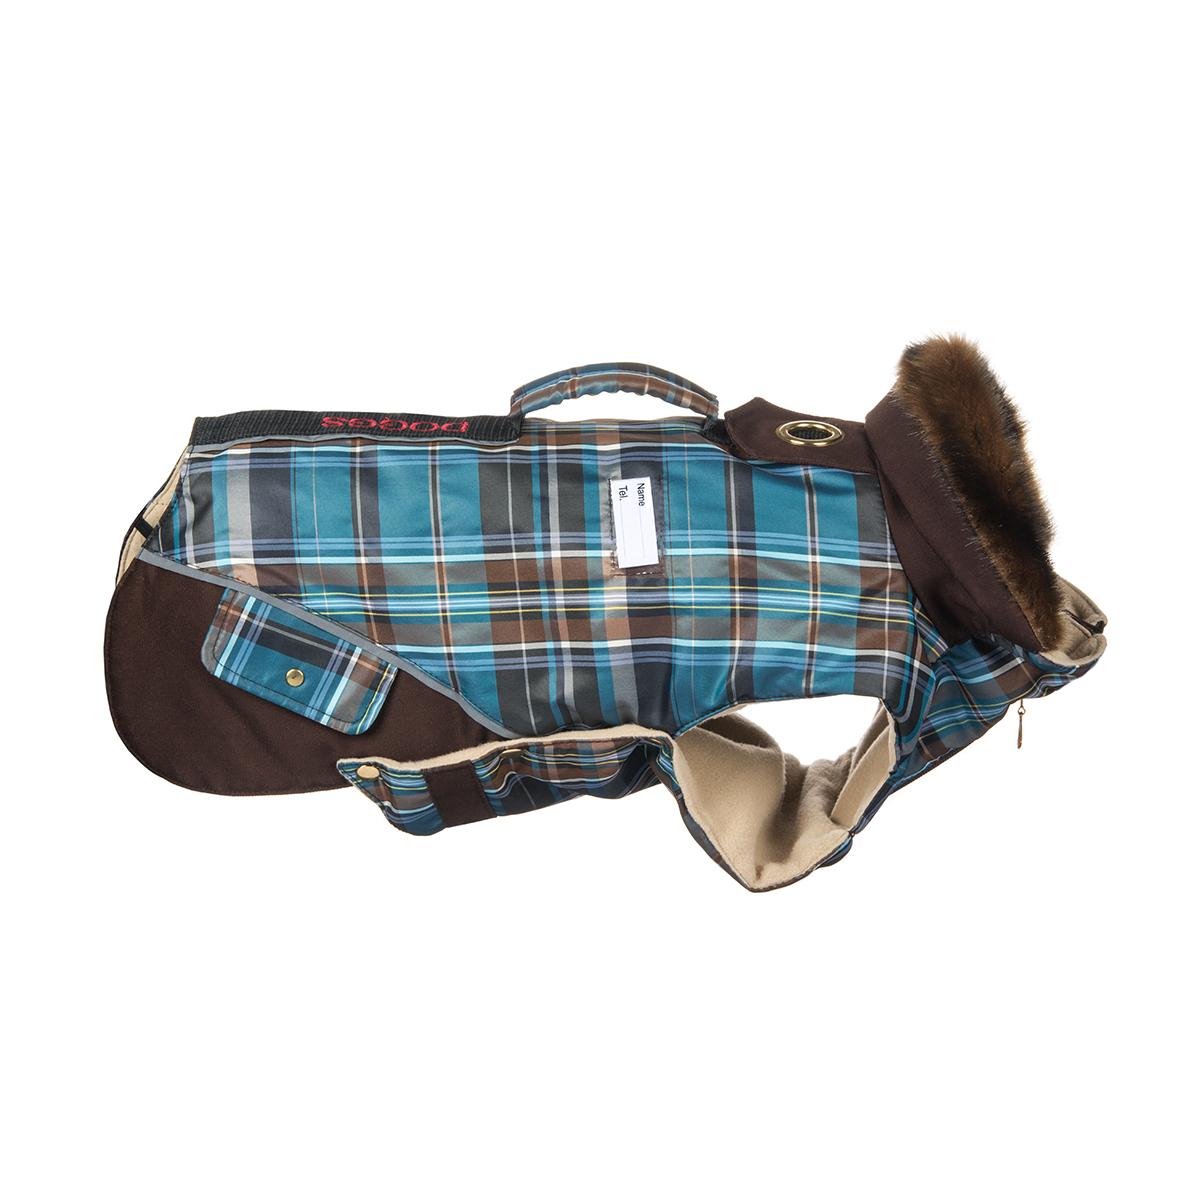 Попона для собак Dogmoda Doggs, для мальчика, цвет: синий, коричневый. Размер XL12171996Теплая попона для собак Dogmoda Doggs отлично подойдет для прогулок в холодное время года.Попона изготовлена из водоотталкивающего полиэстера, защищающего от ветра и осадков, с утеплителем из синтепона, который сохранит тепло даже в сильные морозы, а на подкладке используется флис, который отлично сохраняет тепло и обеспечивает воздухообмен. Попона оснащена прорезями для ног и застегивается на кнопки, а высокий ворот с расширителем имеет застежку-молнию и кнопку, благодаря чему ее легко надевать и снимать. Ворот украшен искусственным мехом. На животе попона затягивается на шнурок-кулиску с зажимом. Спинка декорирована вышитой надписью Doggs, оснащена светоотражающими элементами и ручкой. Модель снабжена непромокаемым карманом для размещения записки с информацией о вашем питомце, на случай если он потеряется.Благодаря такой попоне питомцу будет тепло и комфортно в любое время года.Попона подходит для собак следующих пород: - ризеншнауцер- лабрадор ретривер- чау чау- маламут- овчарка- ротвейлер- акита ину- курцхаар- дратхаар- сеттер- далматин- бувье- бладхаунд- хаски- кавказкая овчарка- доберман.